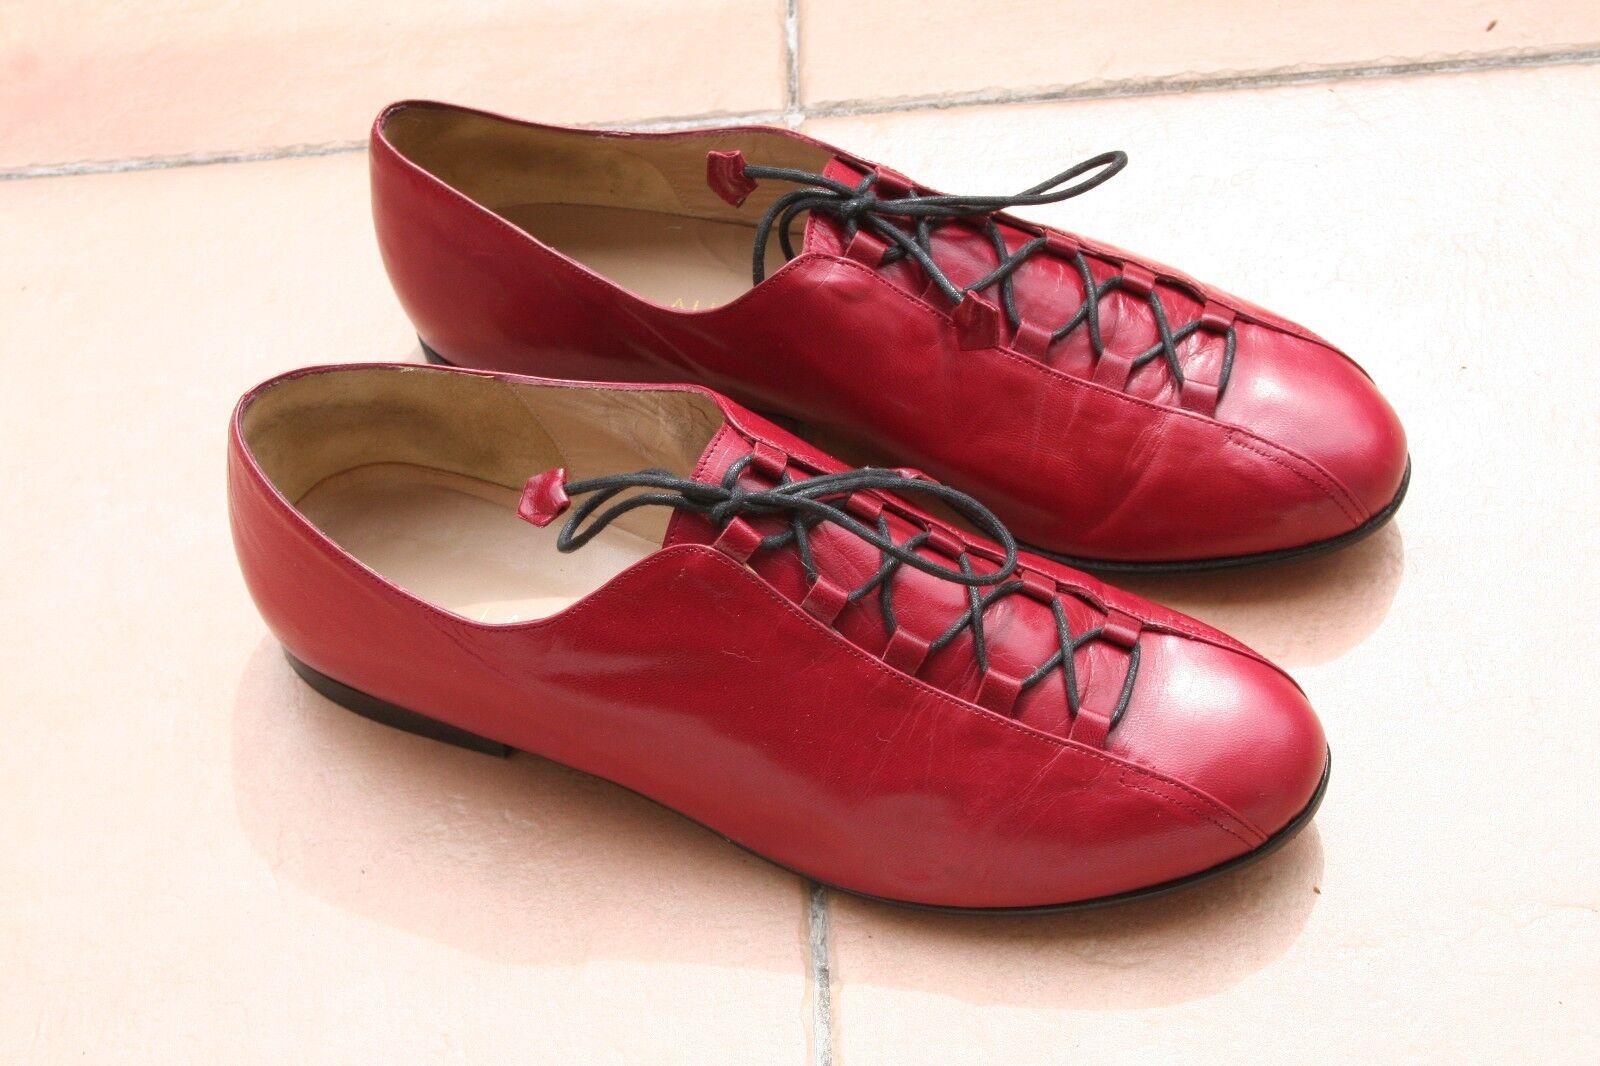 Laure Bassal Damen Schuhe Gr. 41